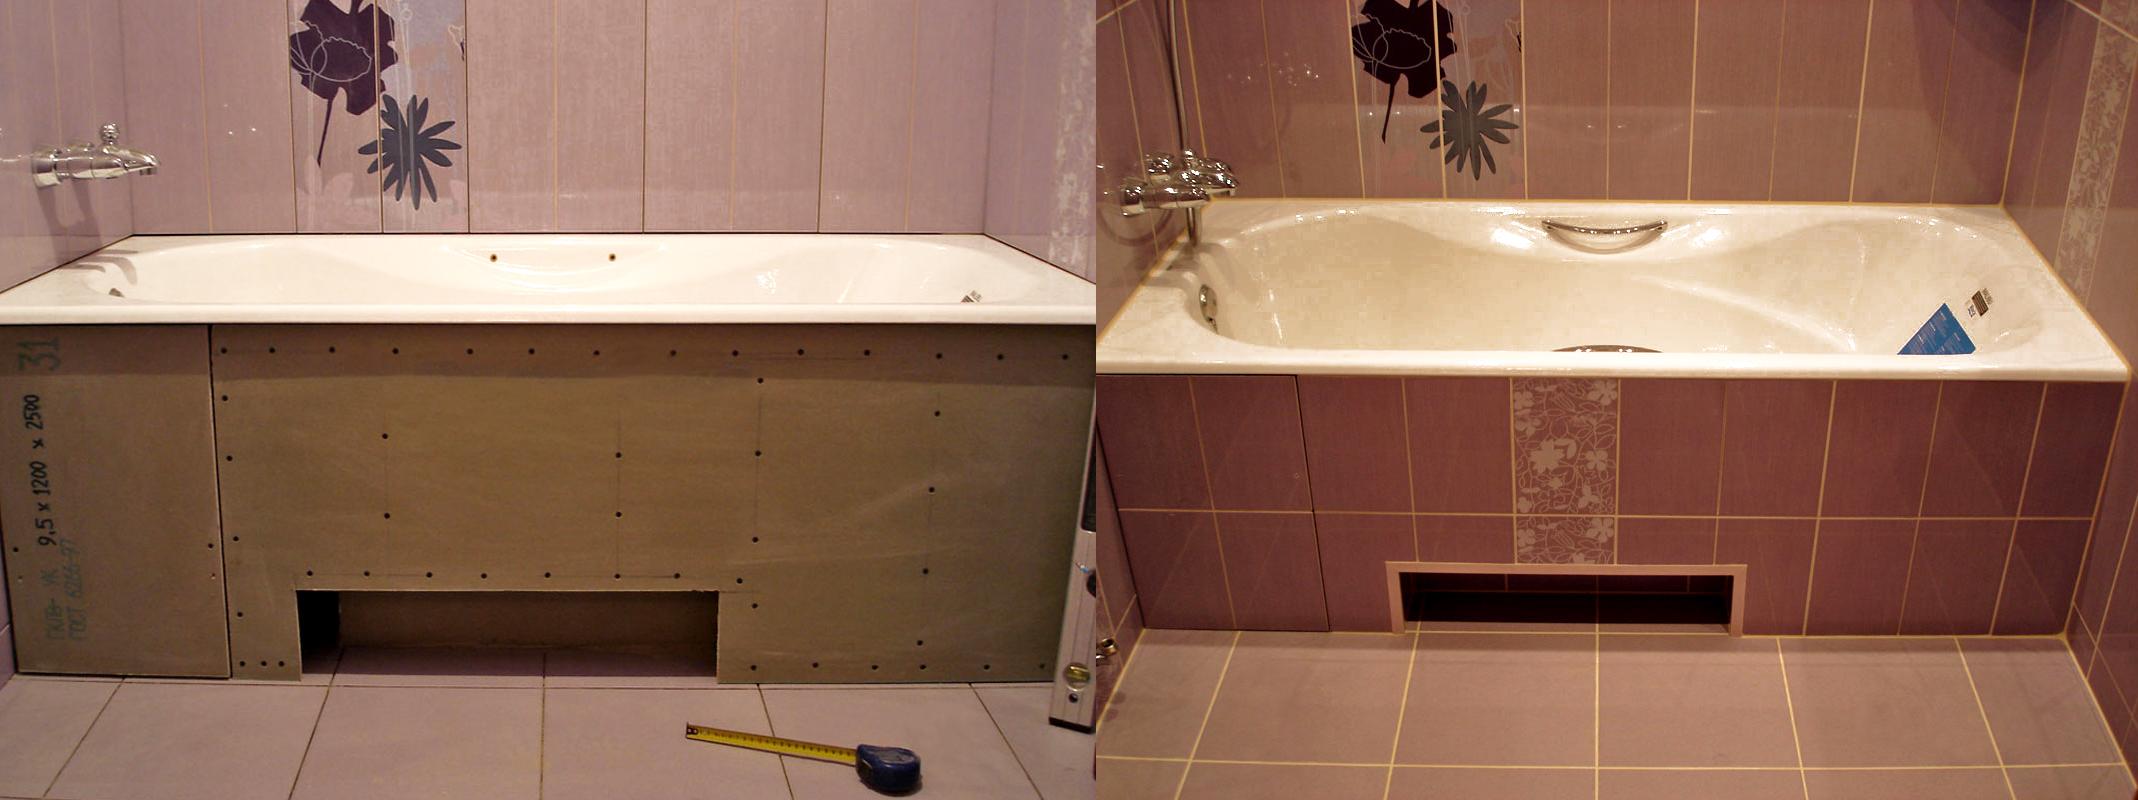 Как закрыть ванну снизу своими руками - Только ремонт своими руками 83